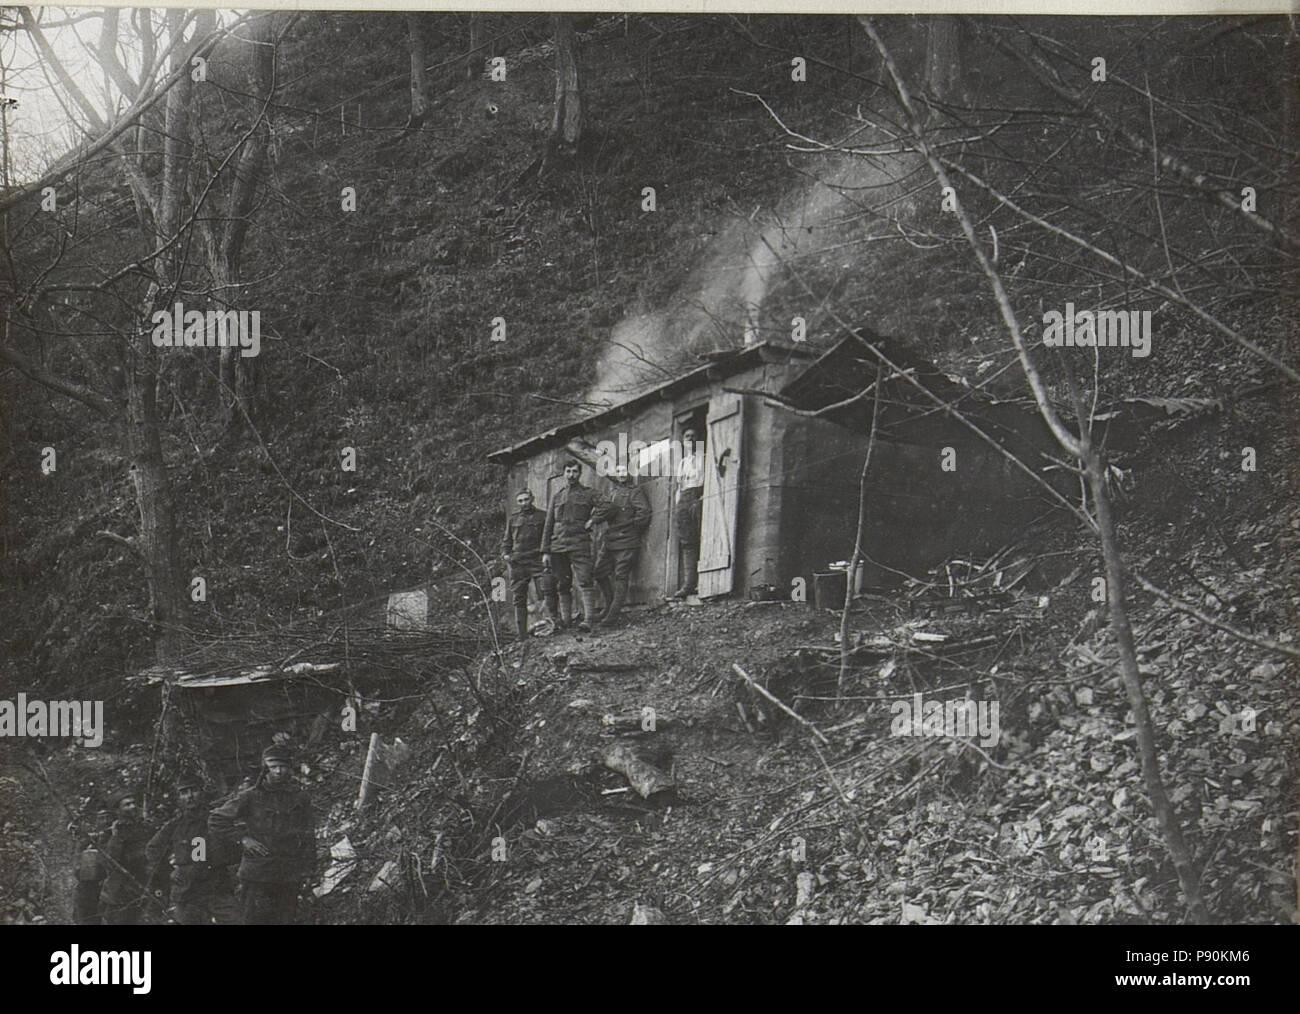 Stellungen Stock Photos & Stellungen Stock Images - Page 2 - Alamy